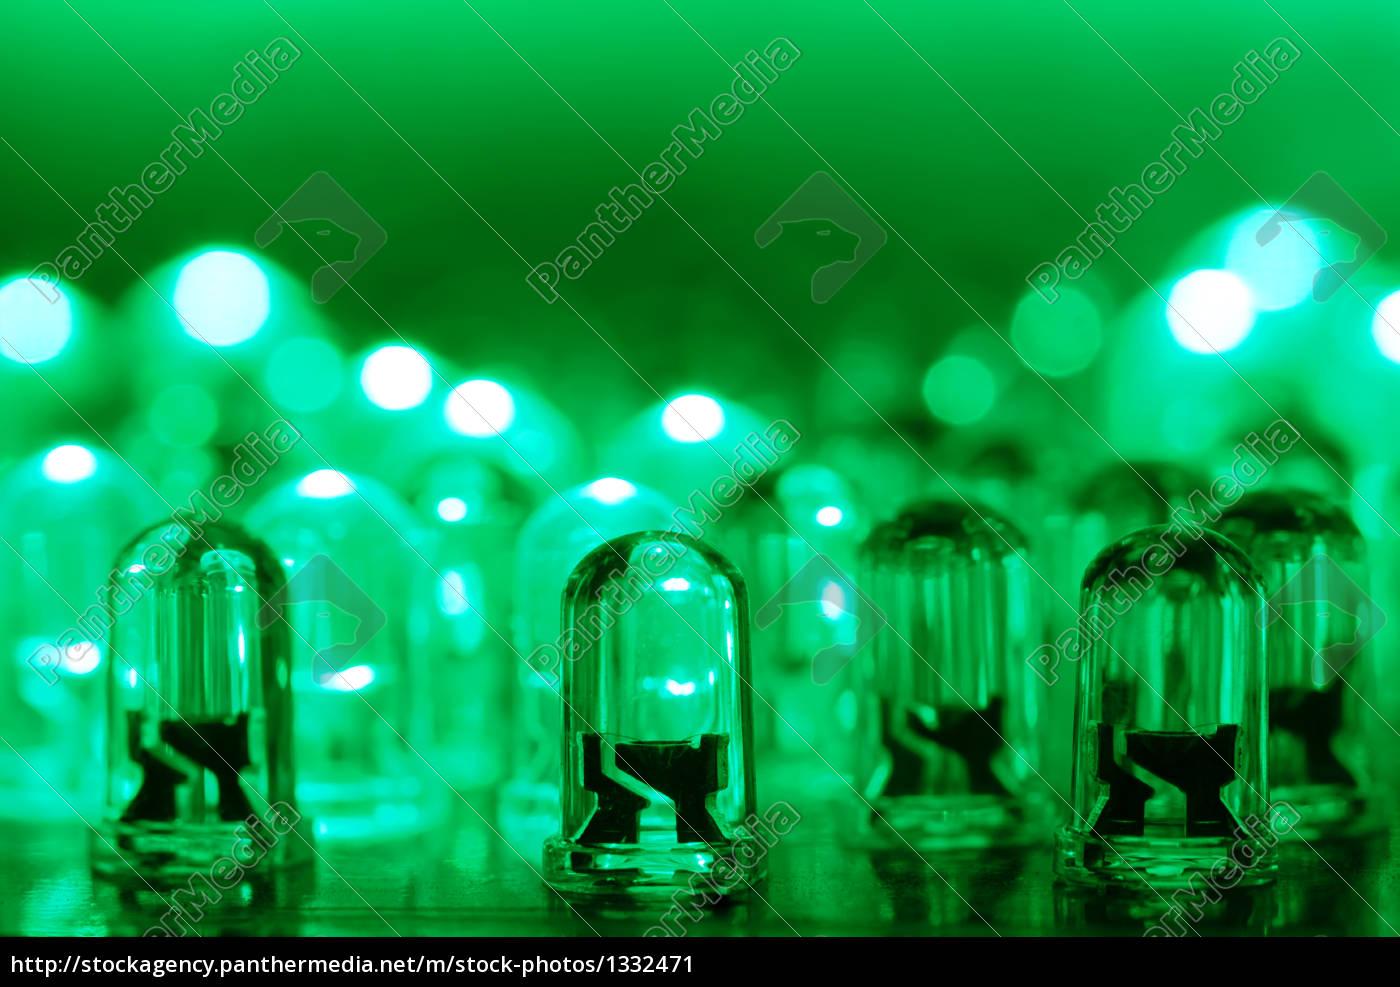 green, leds - 1332471